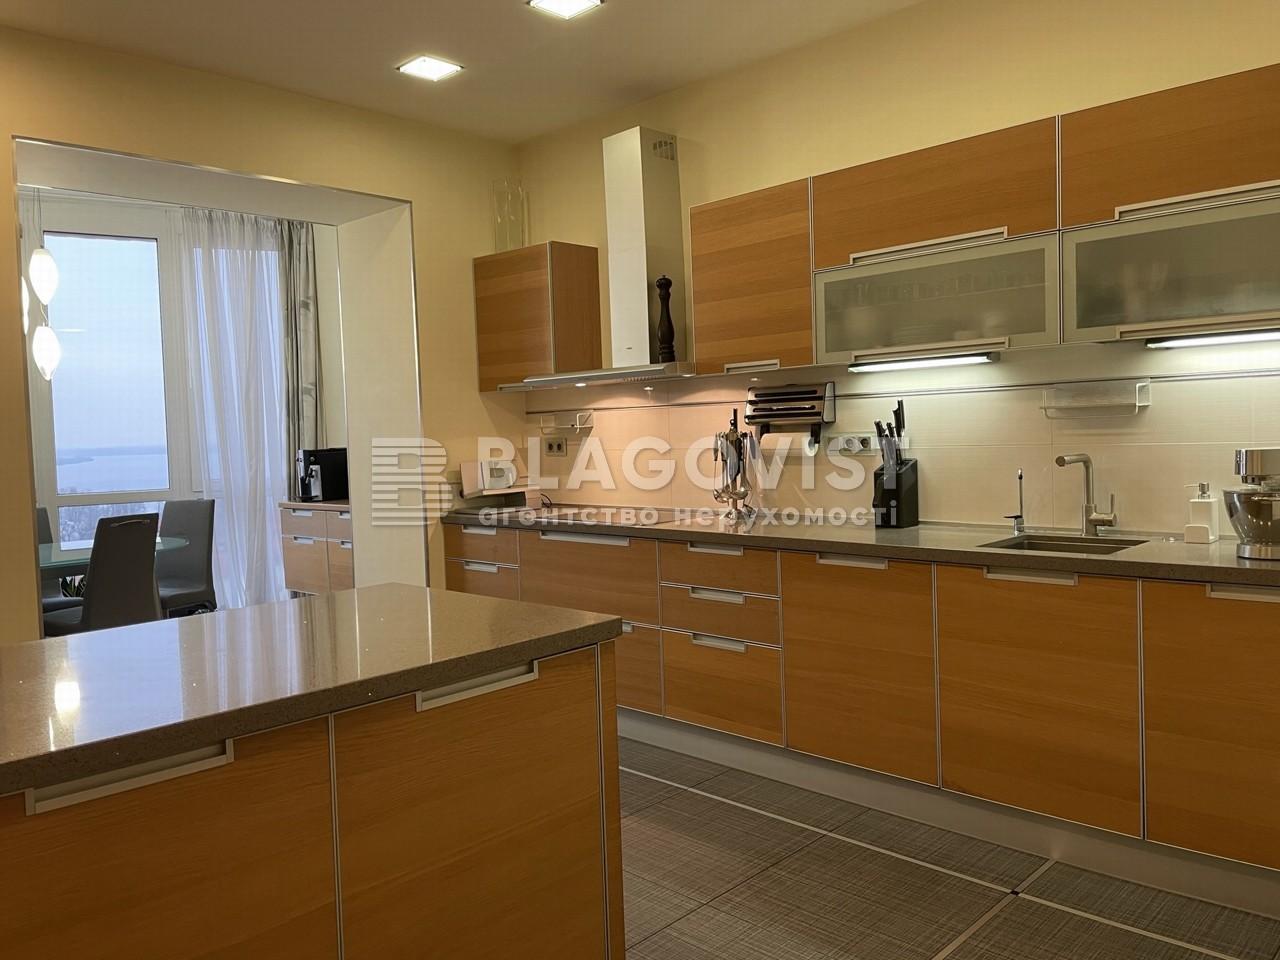 Квартира M-39395, Героев Сталинграда просп., 6, Киев - Фото 17